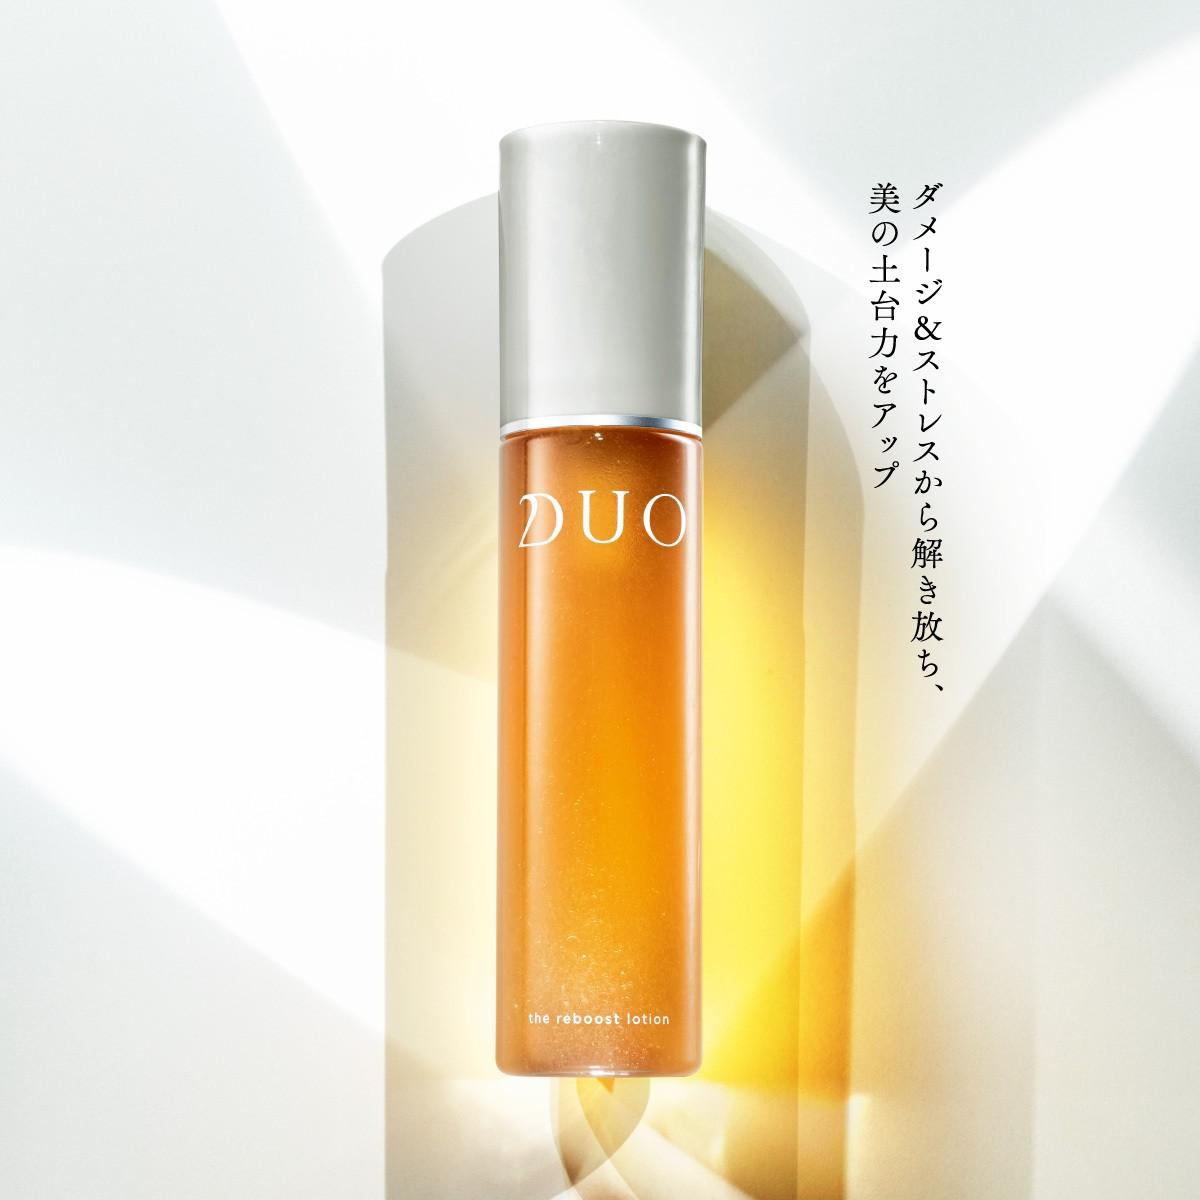 クレンジングバームから火がつき大人気ブランドへ DUOが向き合う「エイジングケア※1の本質」_2